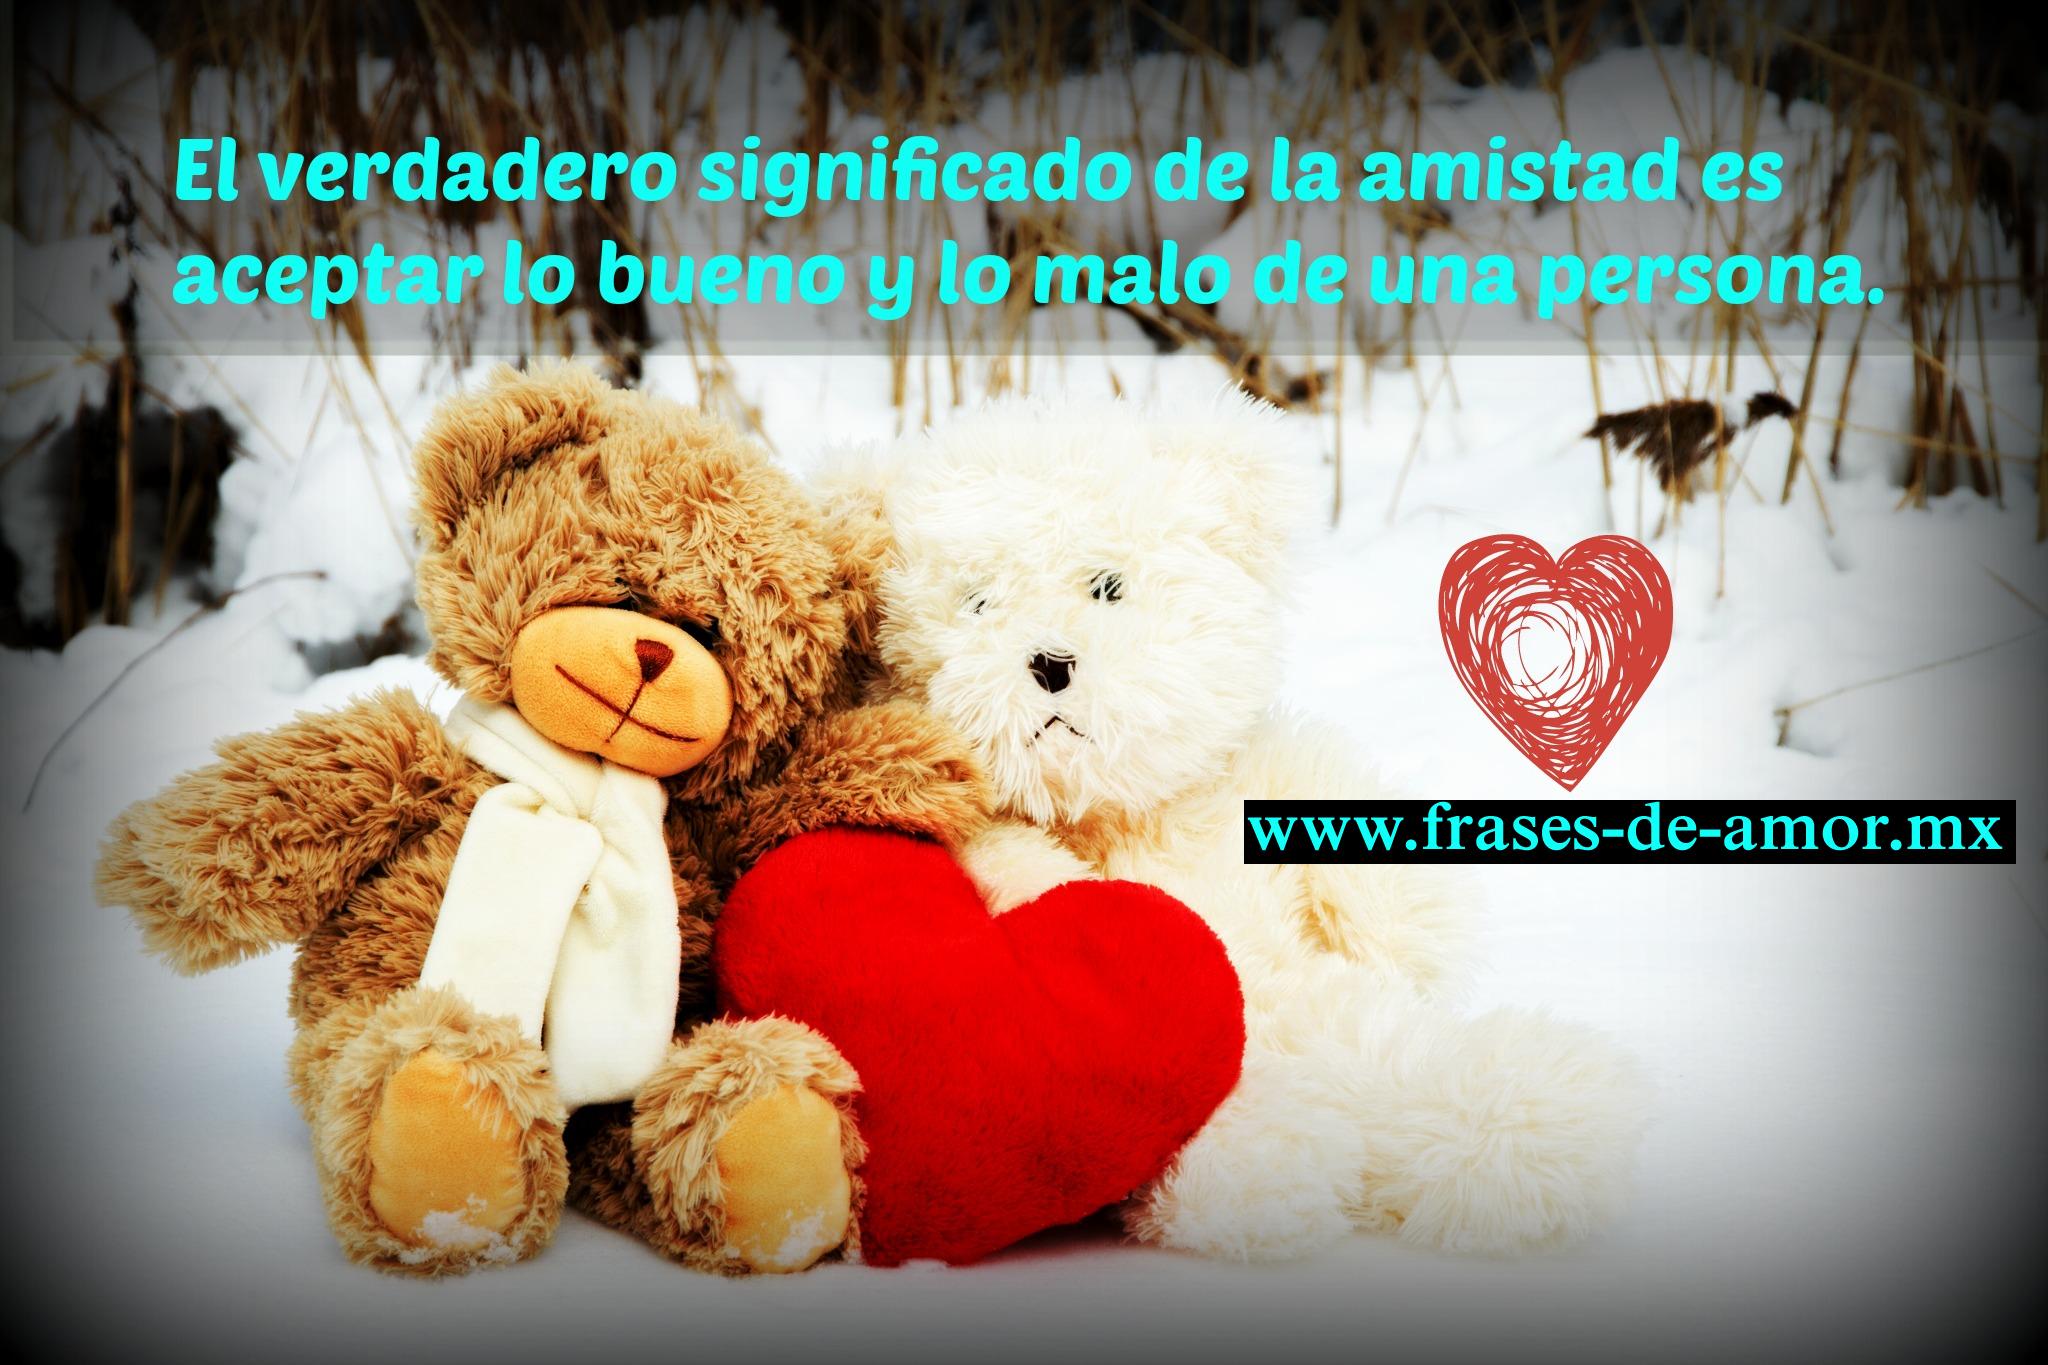 El verdadero significado de la amistad es aceptar lo bueno y lo malo de una persona